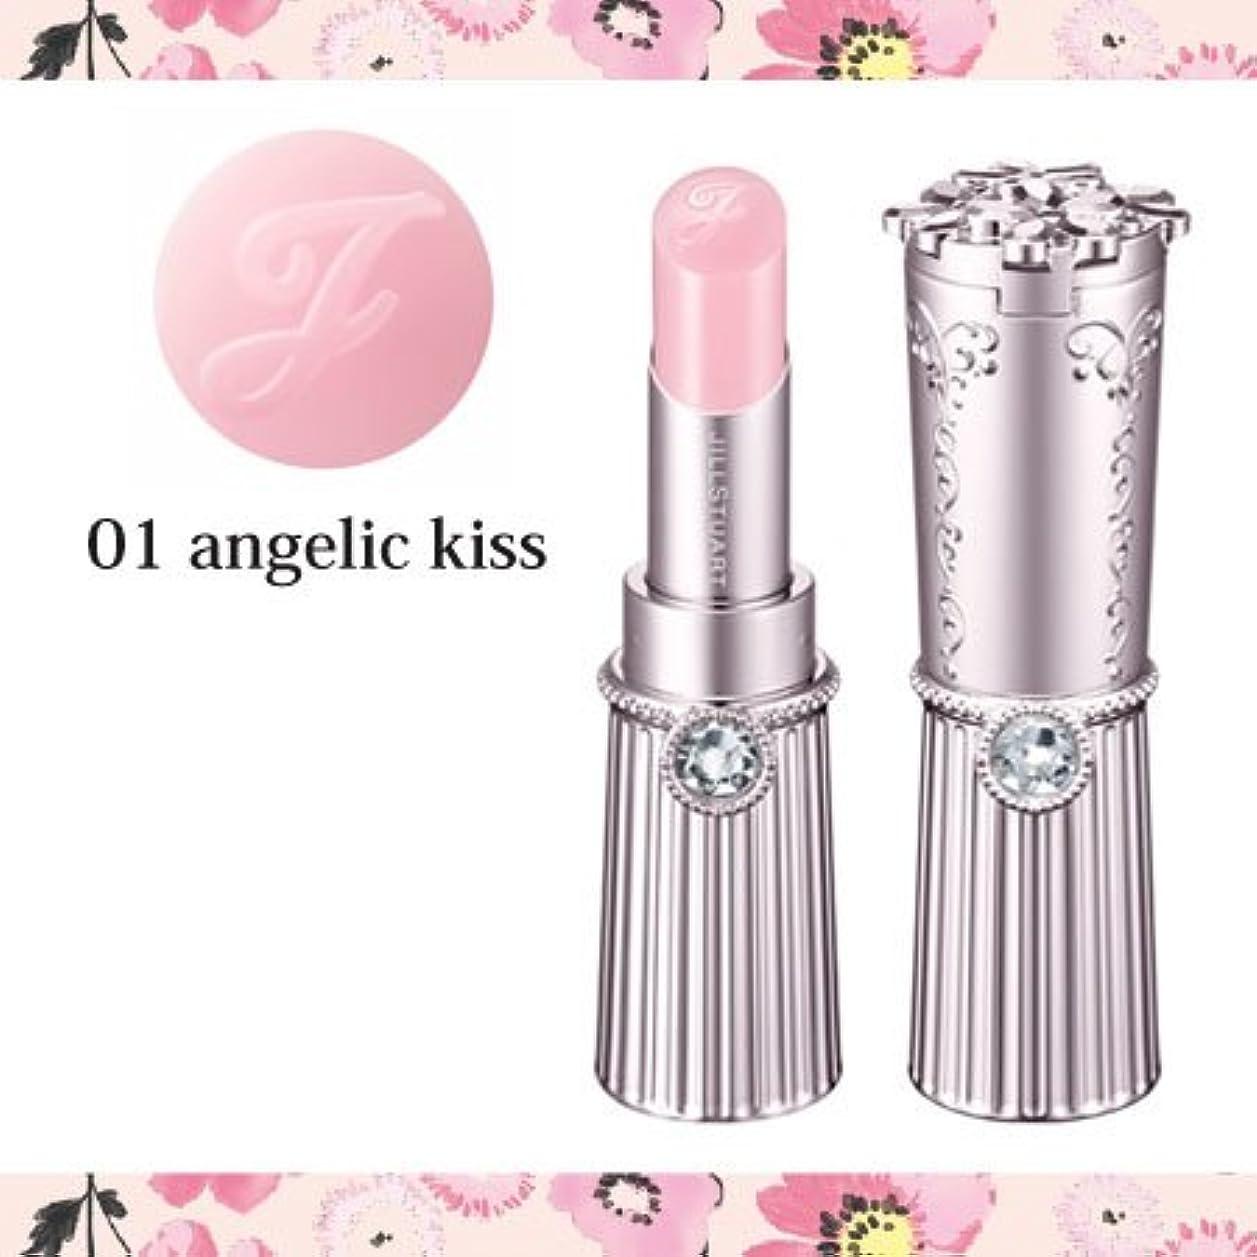 猛烈な解体する不安ジルスチュアート リップグロウ バーム #01 angelic kiss -JILLSTUART-